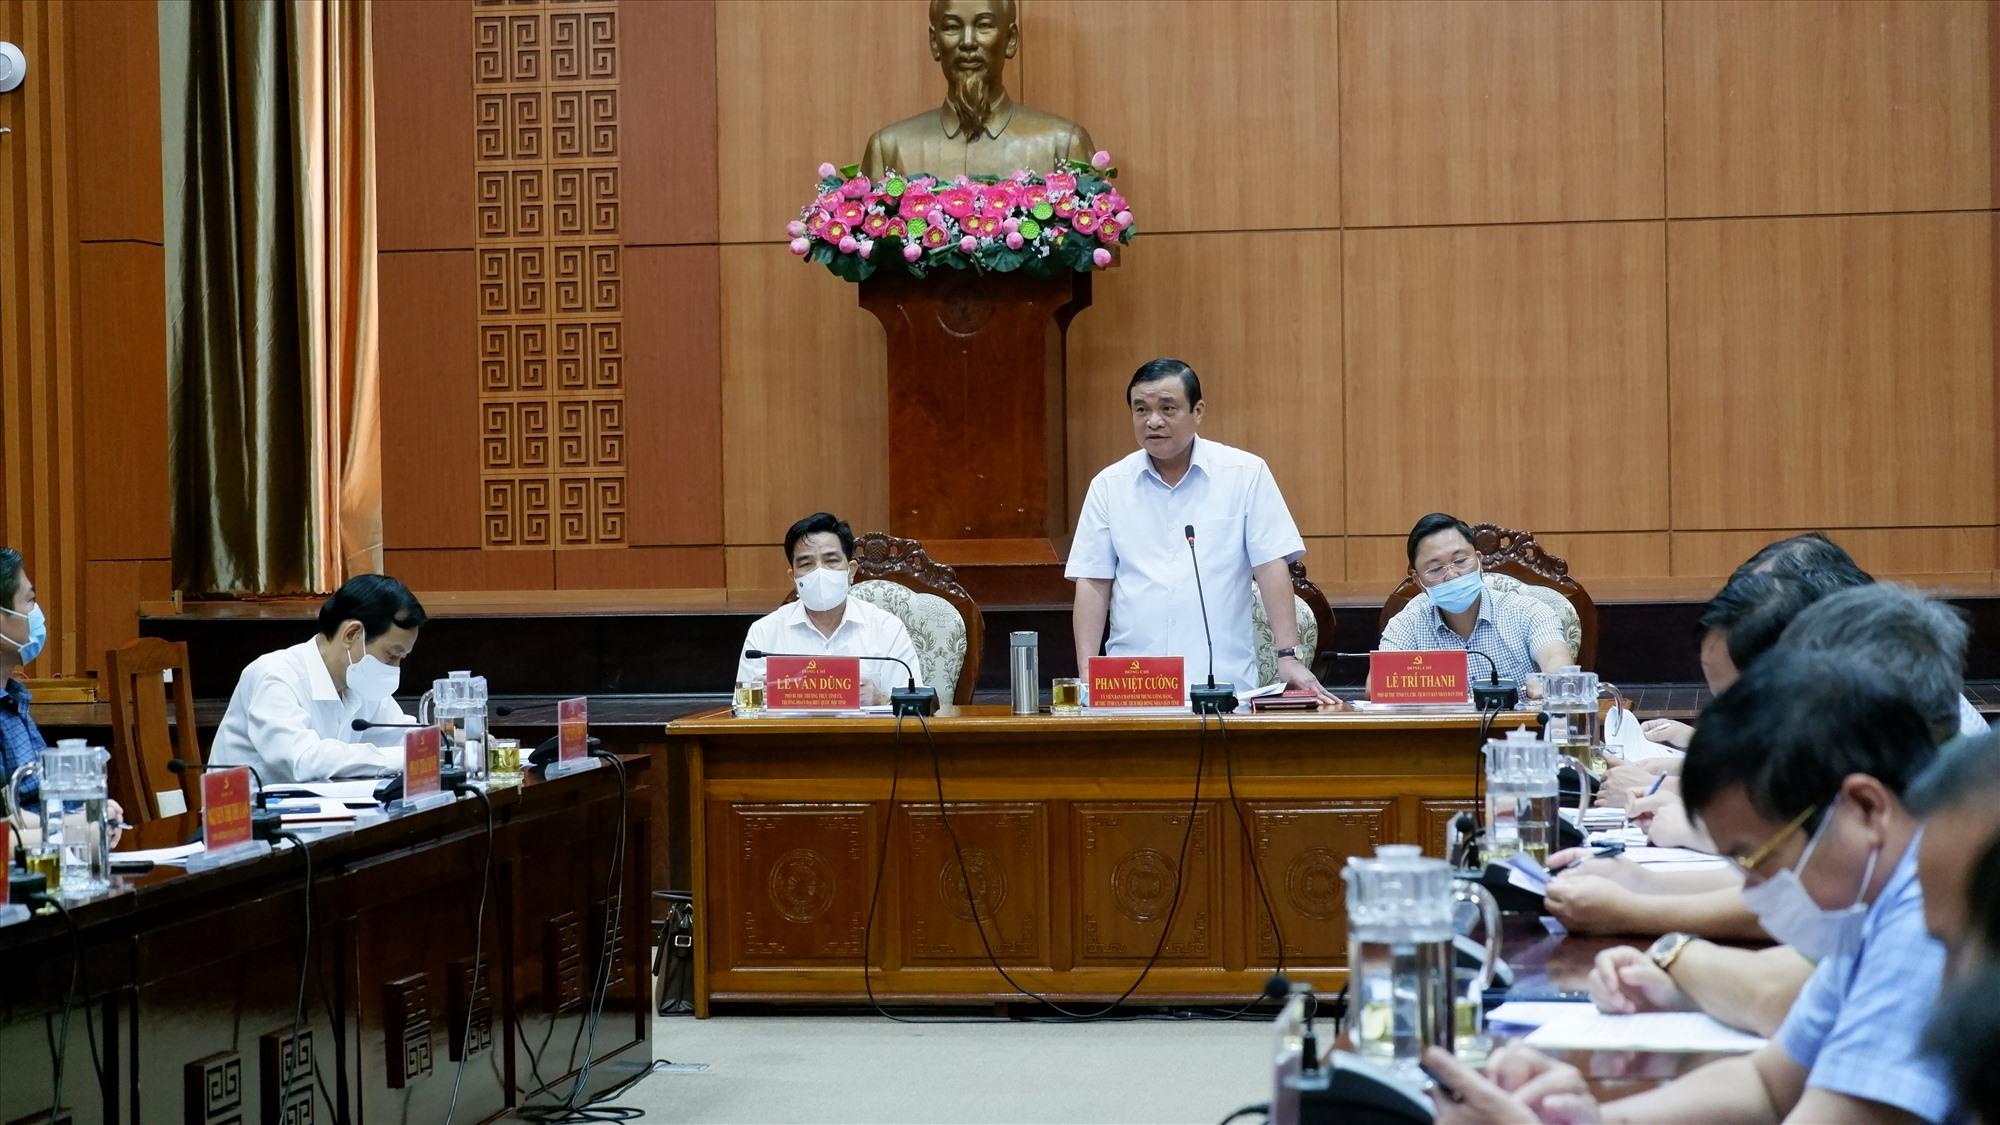 Bí thư tỉnh ủy Phan Việt Cường - Trưởng Ban Chỉ đạo Covid-19 phát biểu tại cuộc làm việc. Ảnh: X.H